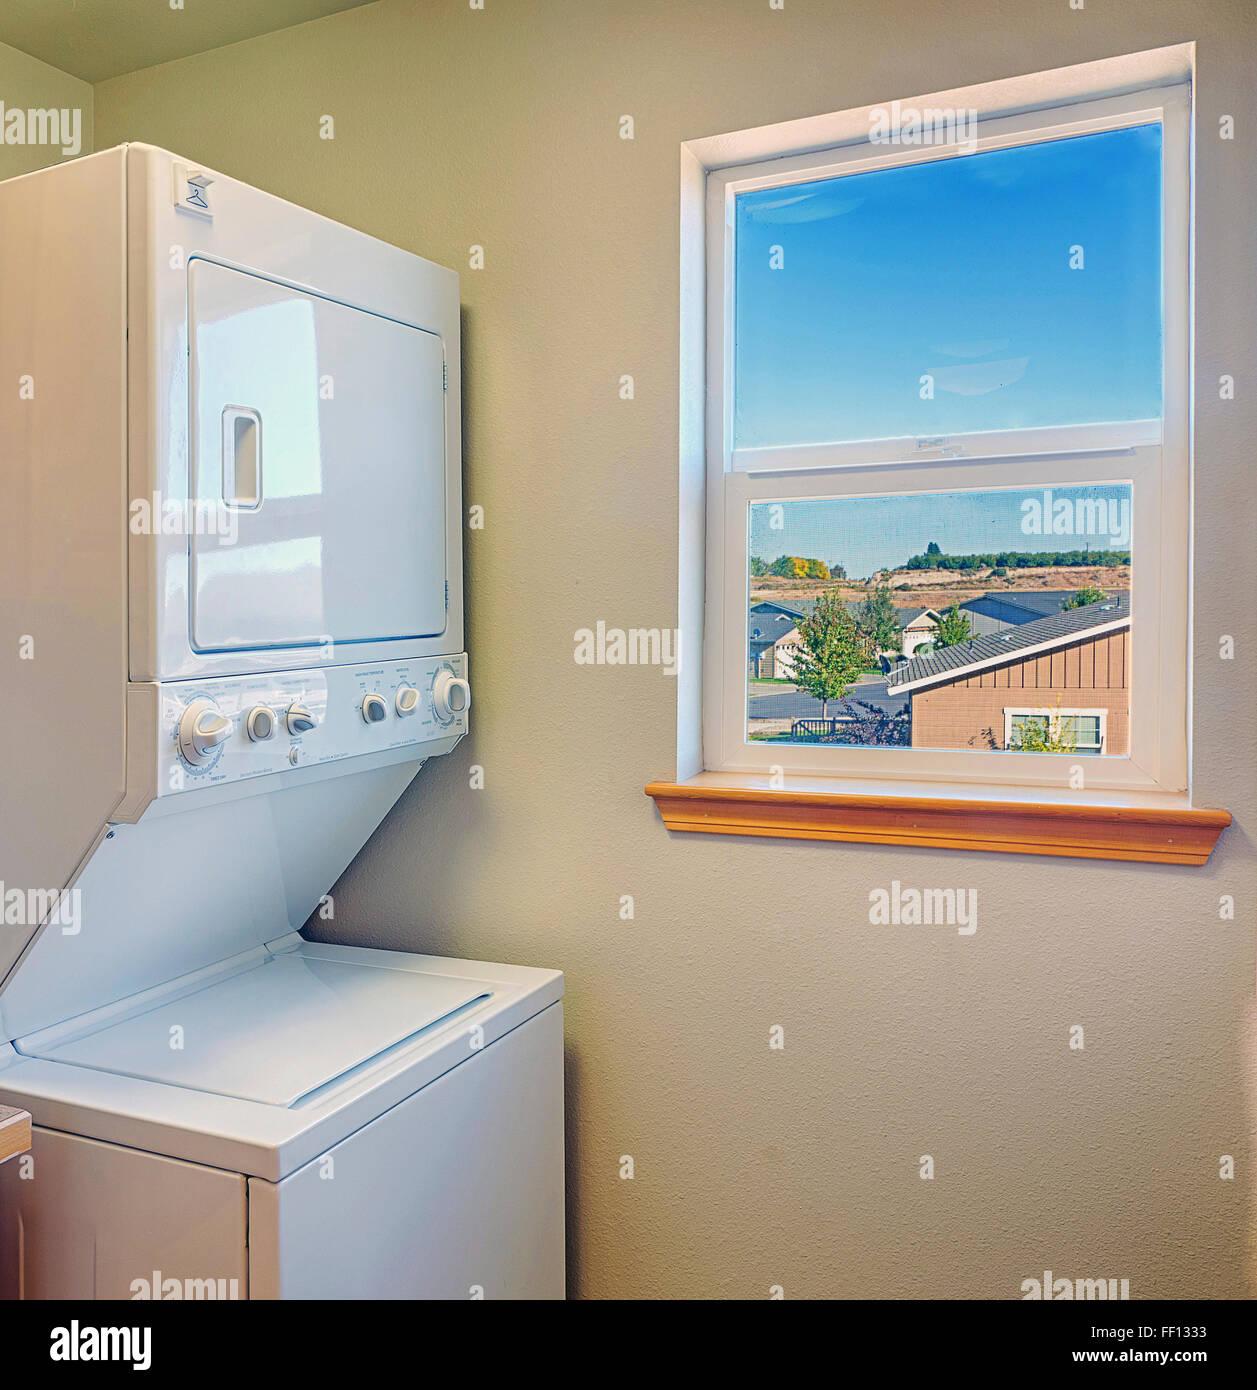 Lavadora y secadora con ventanas de lavandería Foto de stock